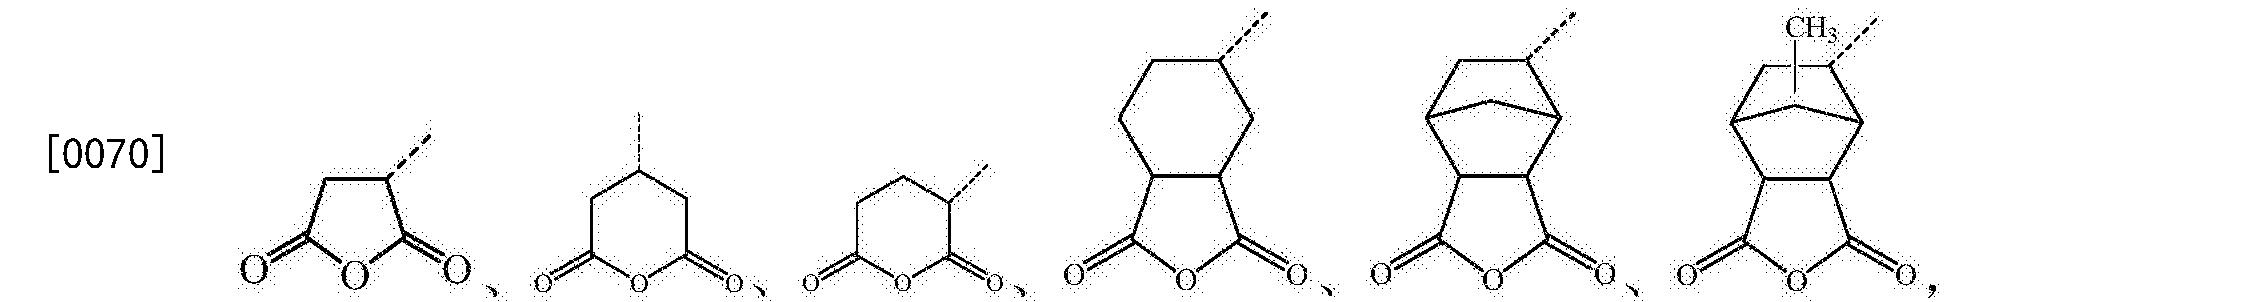 Figure CN106634881BD00142